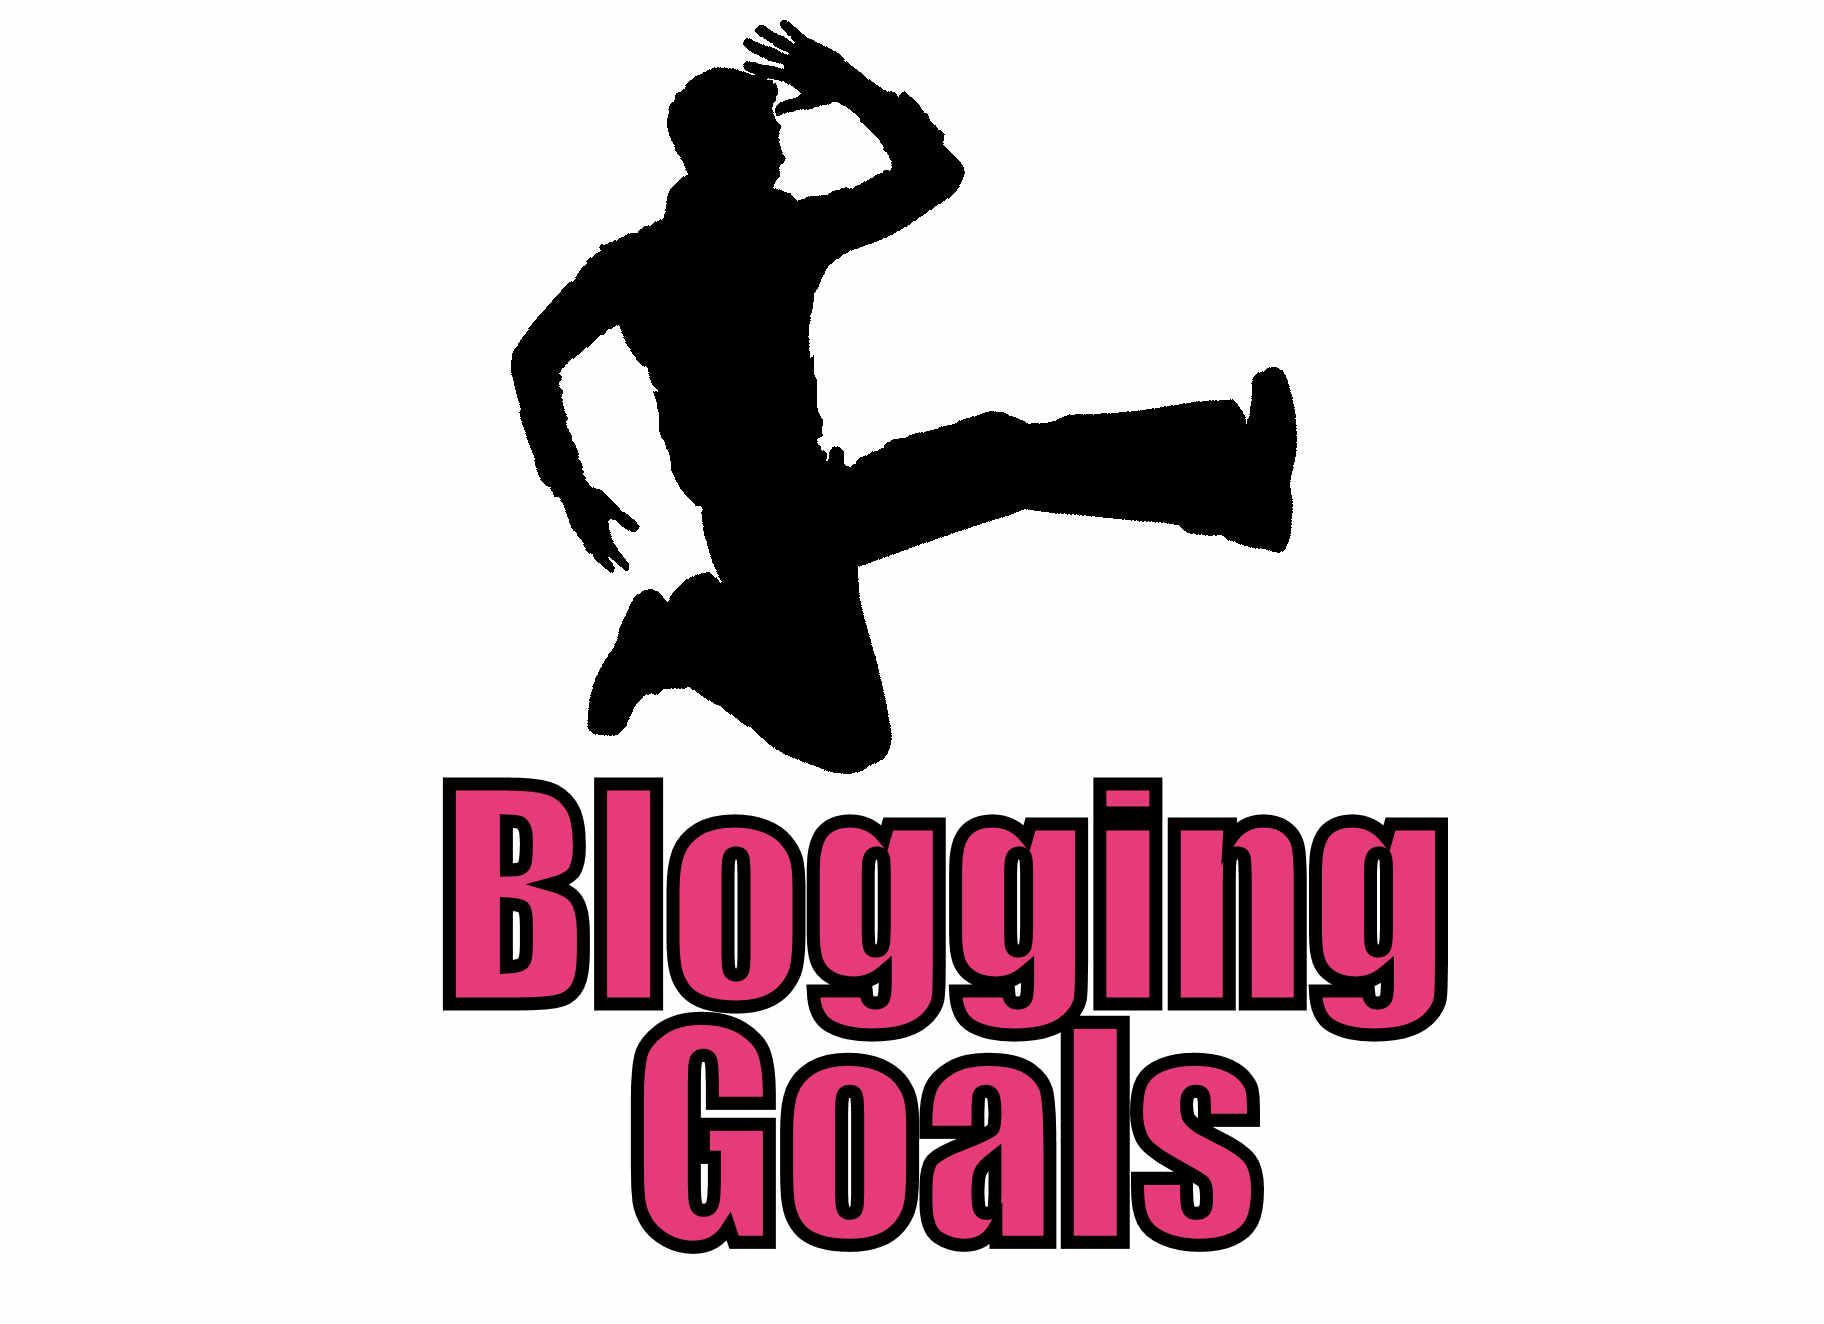 Pro Blogging Goals